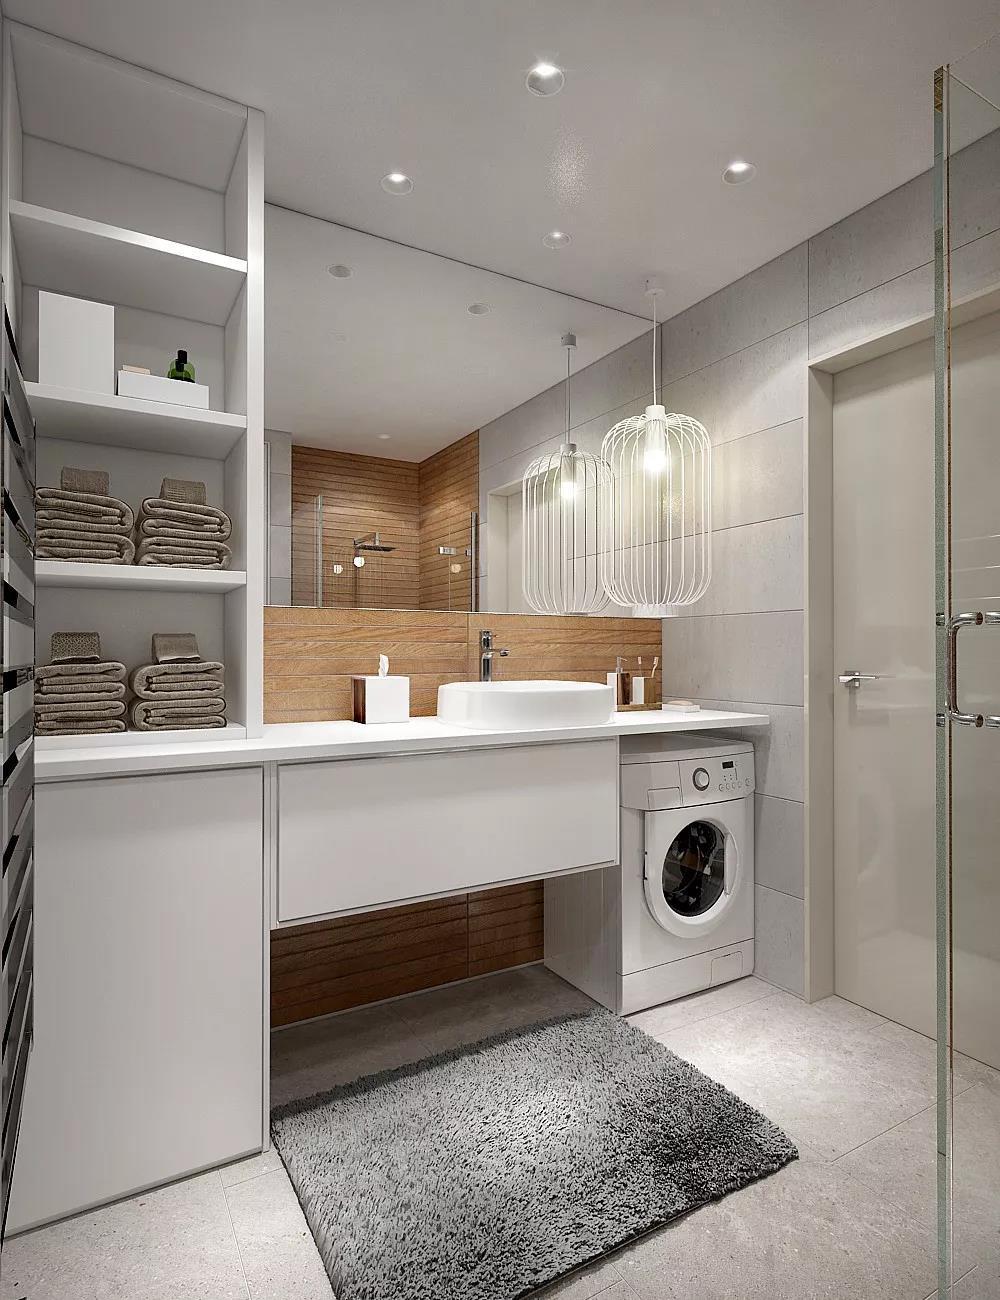 洗漱台嵌入洗衣机